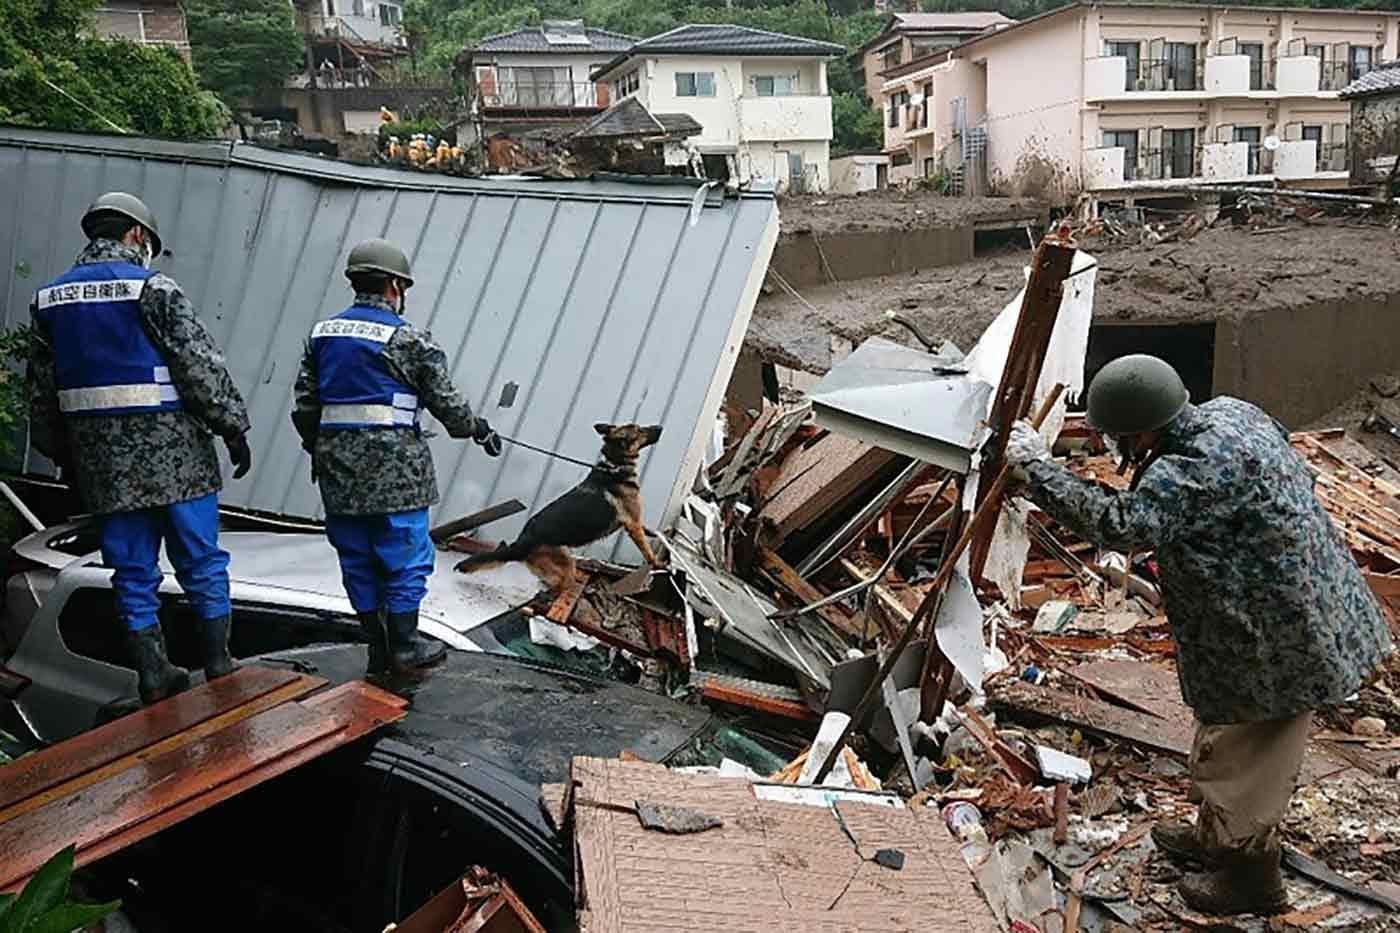 瓦礫の中で行方不明者を捜索する災害救助犬(レスキュードッグ)